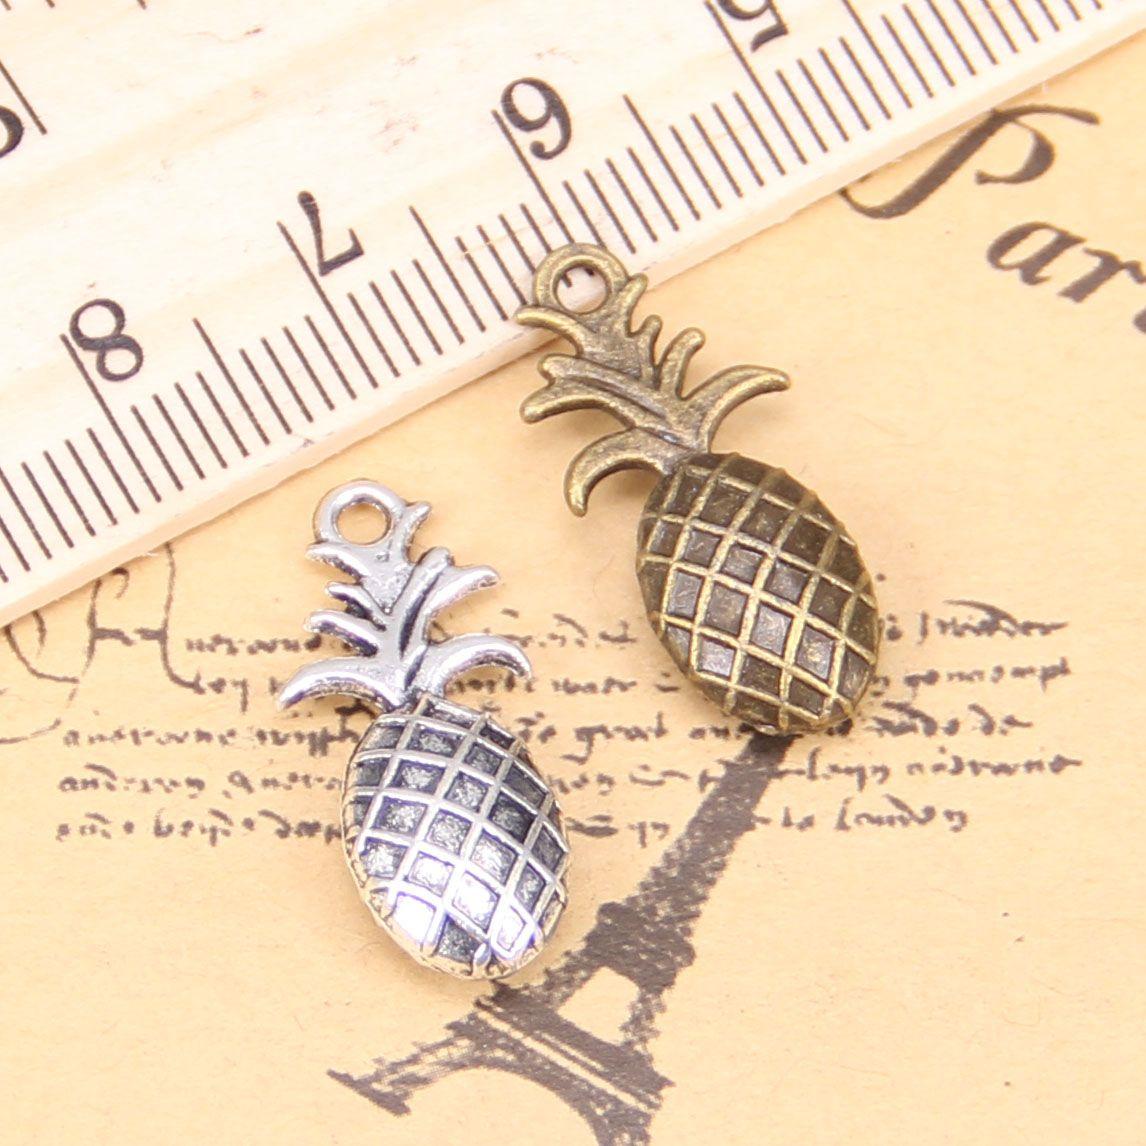 48pcs Charms pour bijoux Fabrication d'ananas double face 23x10mm Antique Pendentifs plaqués argentés DIY Collier en argent tibétain bricolage